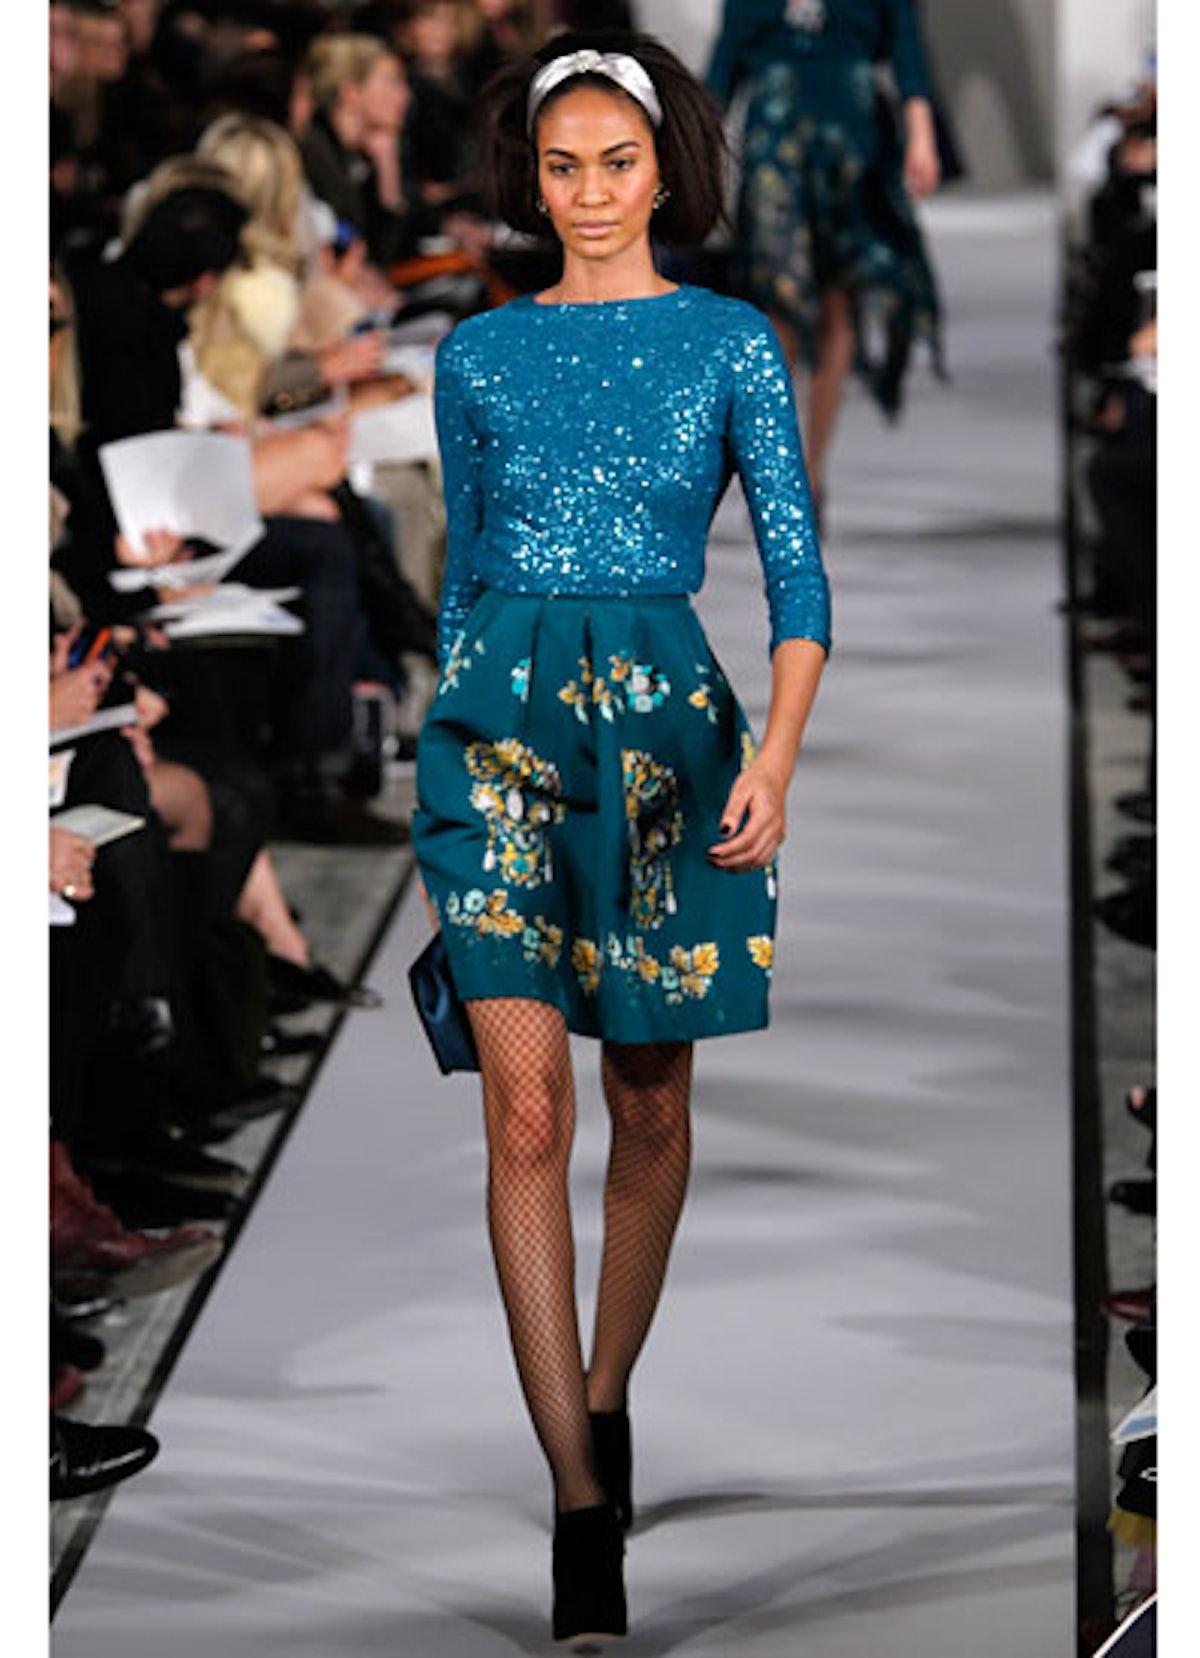 fass-fall-2012-fashion-roundup-38-v.jpg